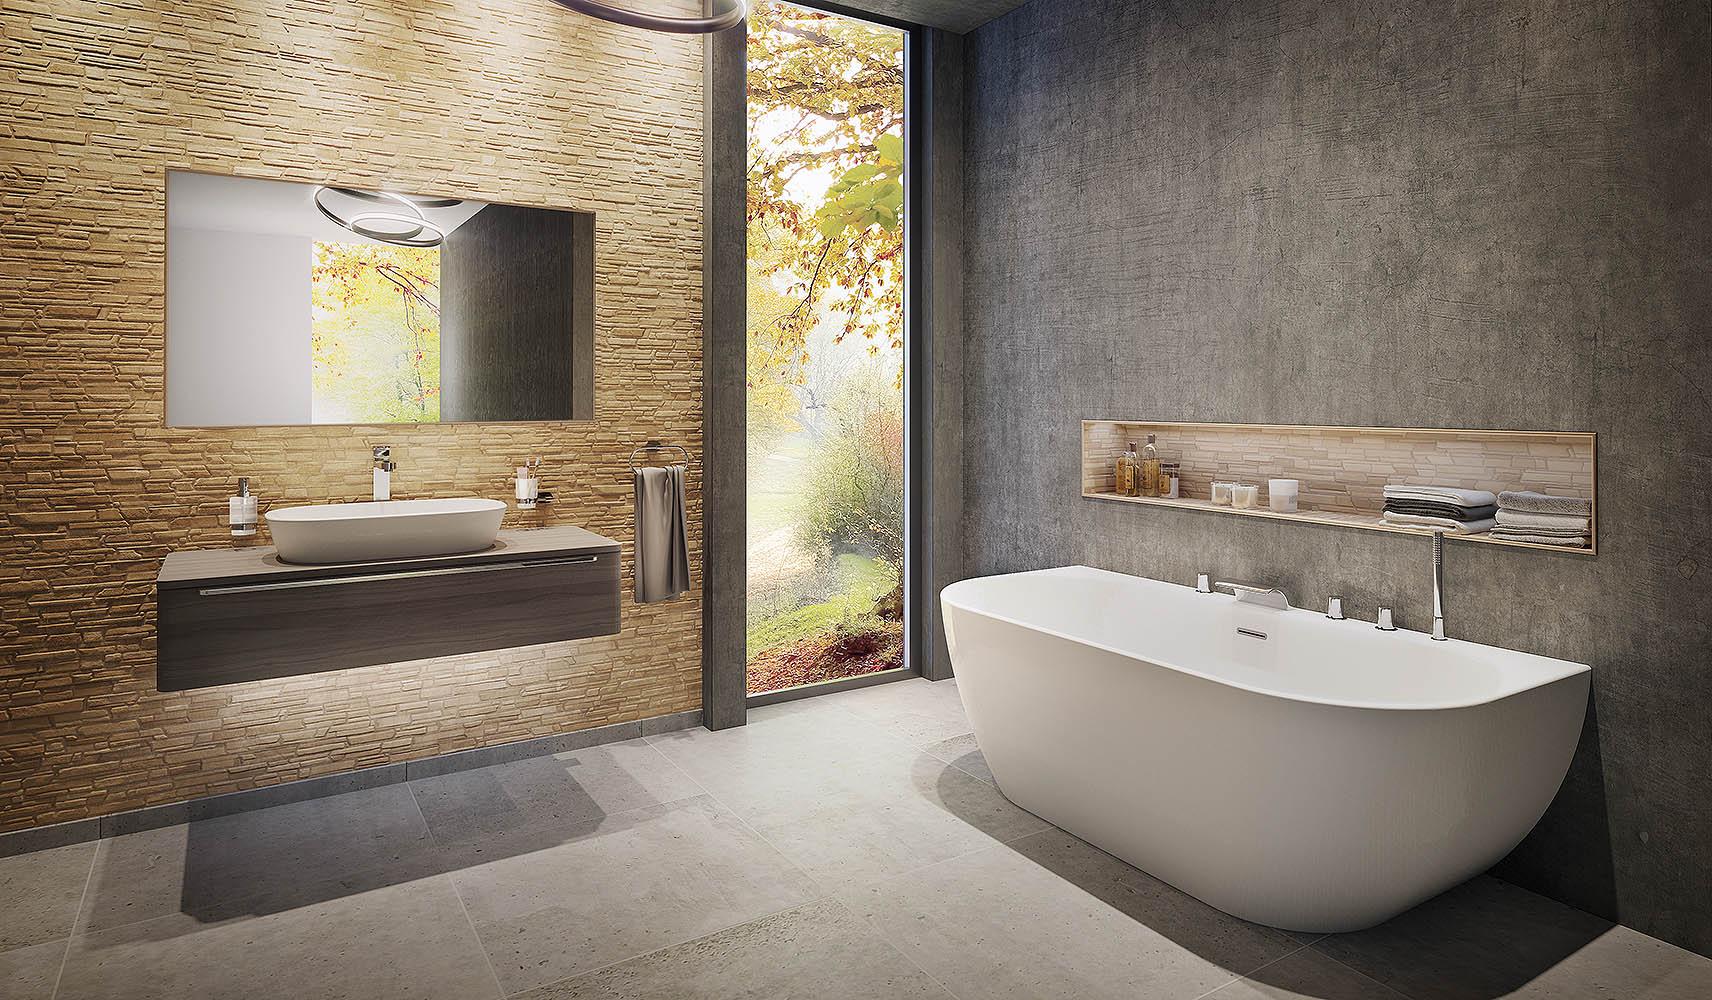 Kompleksowe aranżacje łazienek - nowoczesne wzornictwo ifunkcjonalność © RAVAK